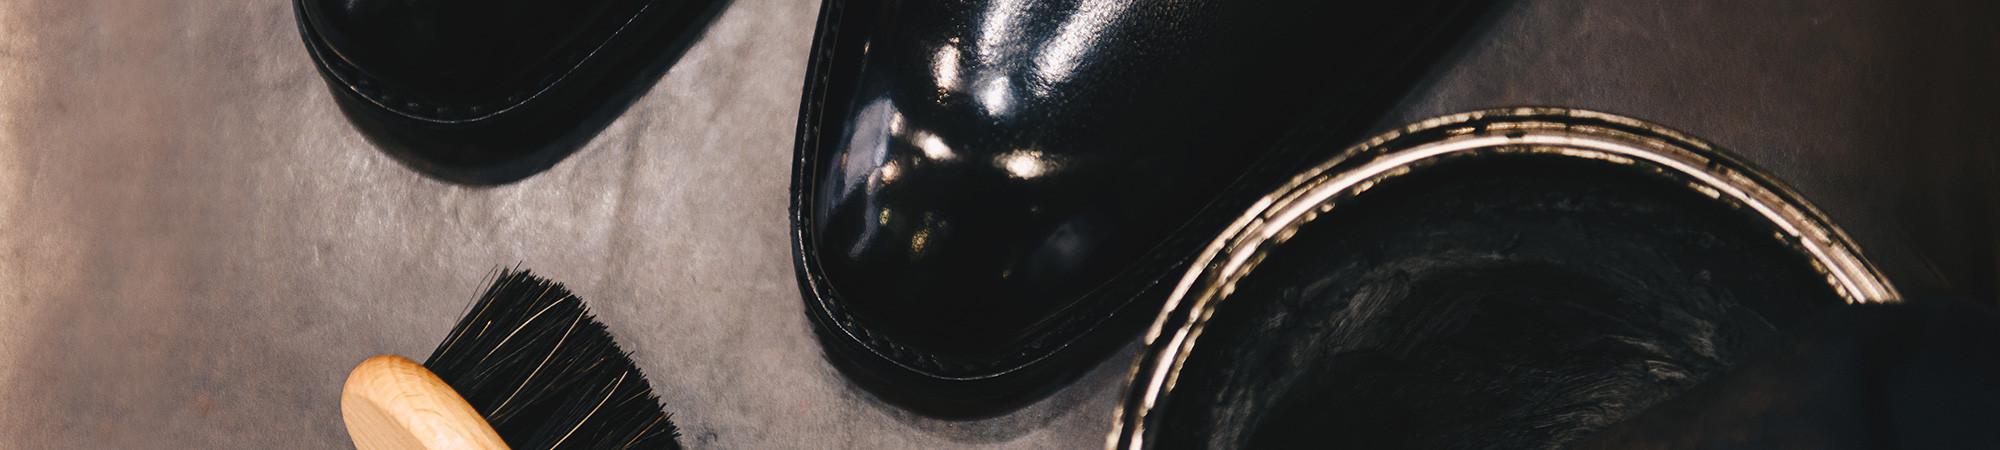 Offrez un entretien haut de gamme à vos chaussures en cuir